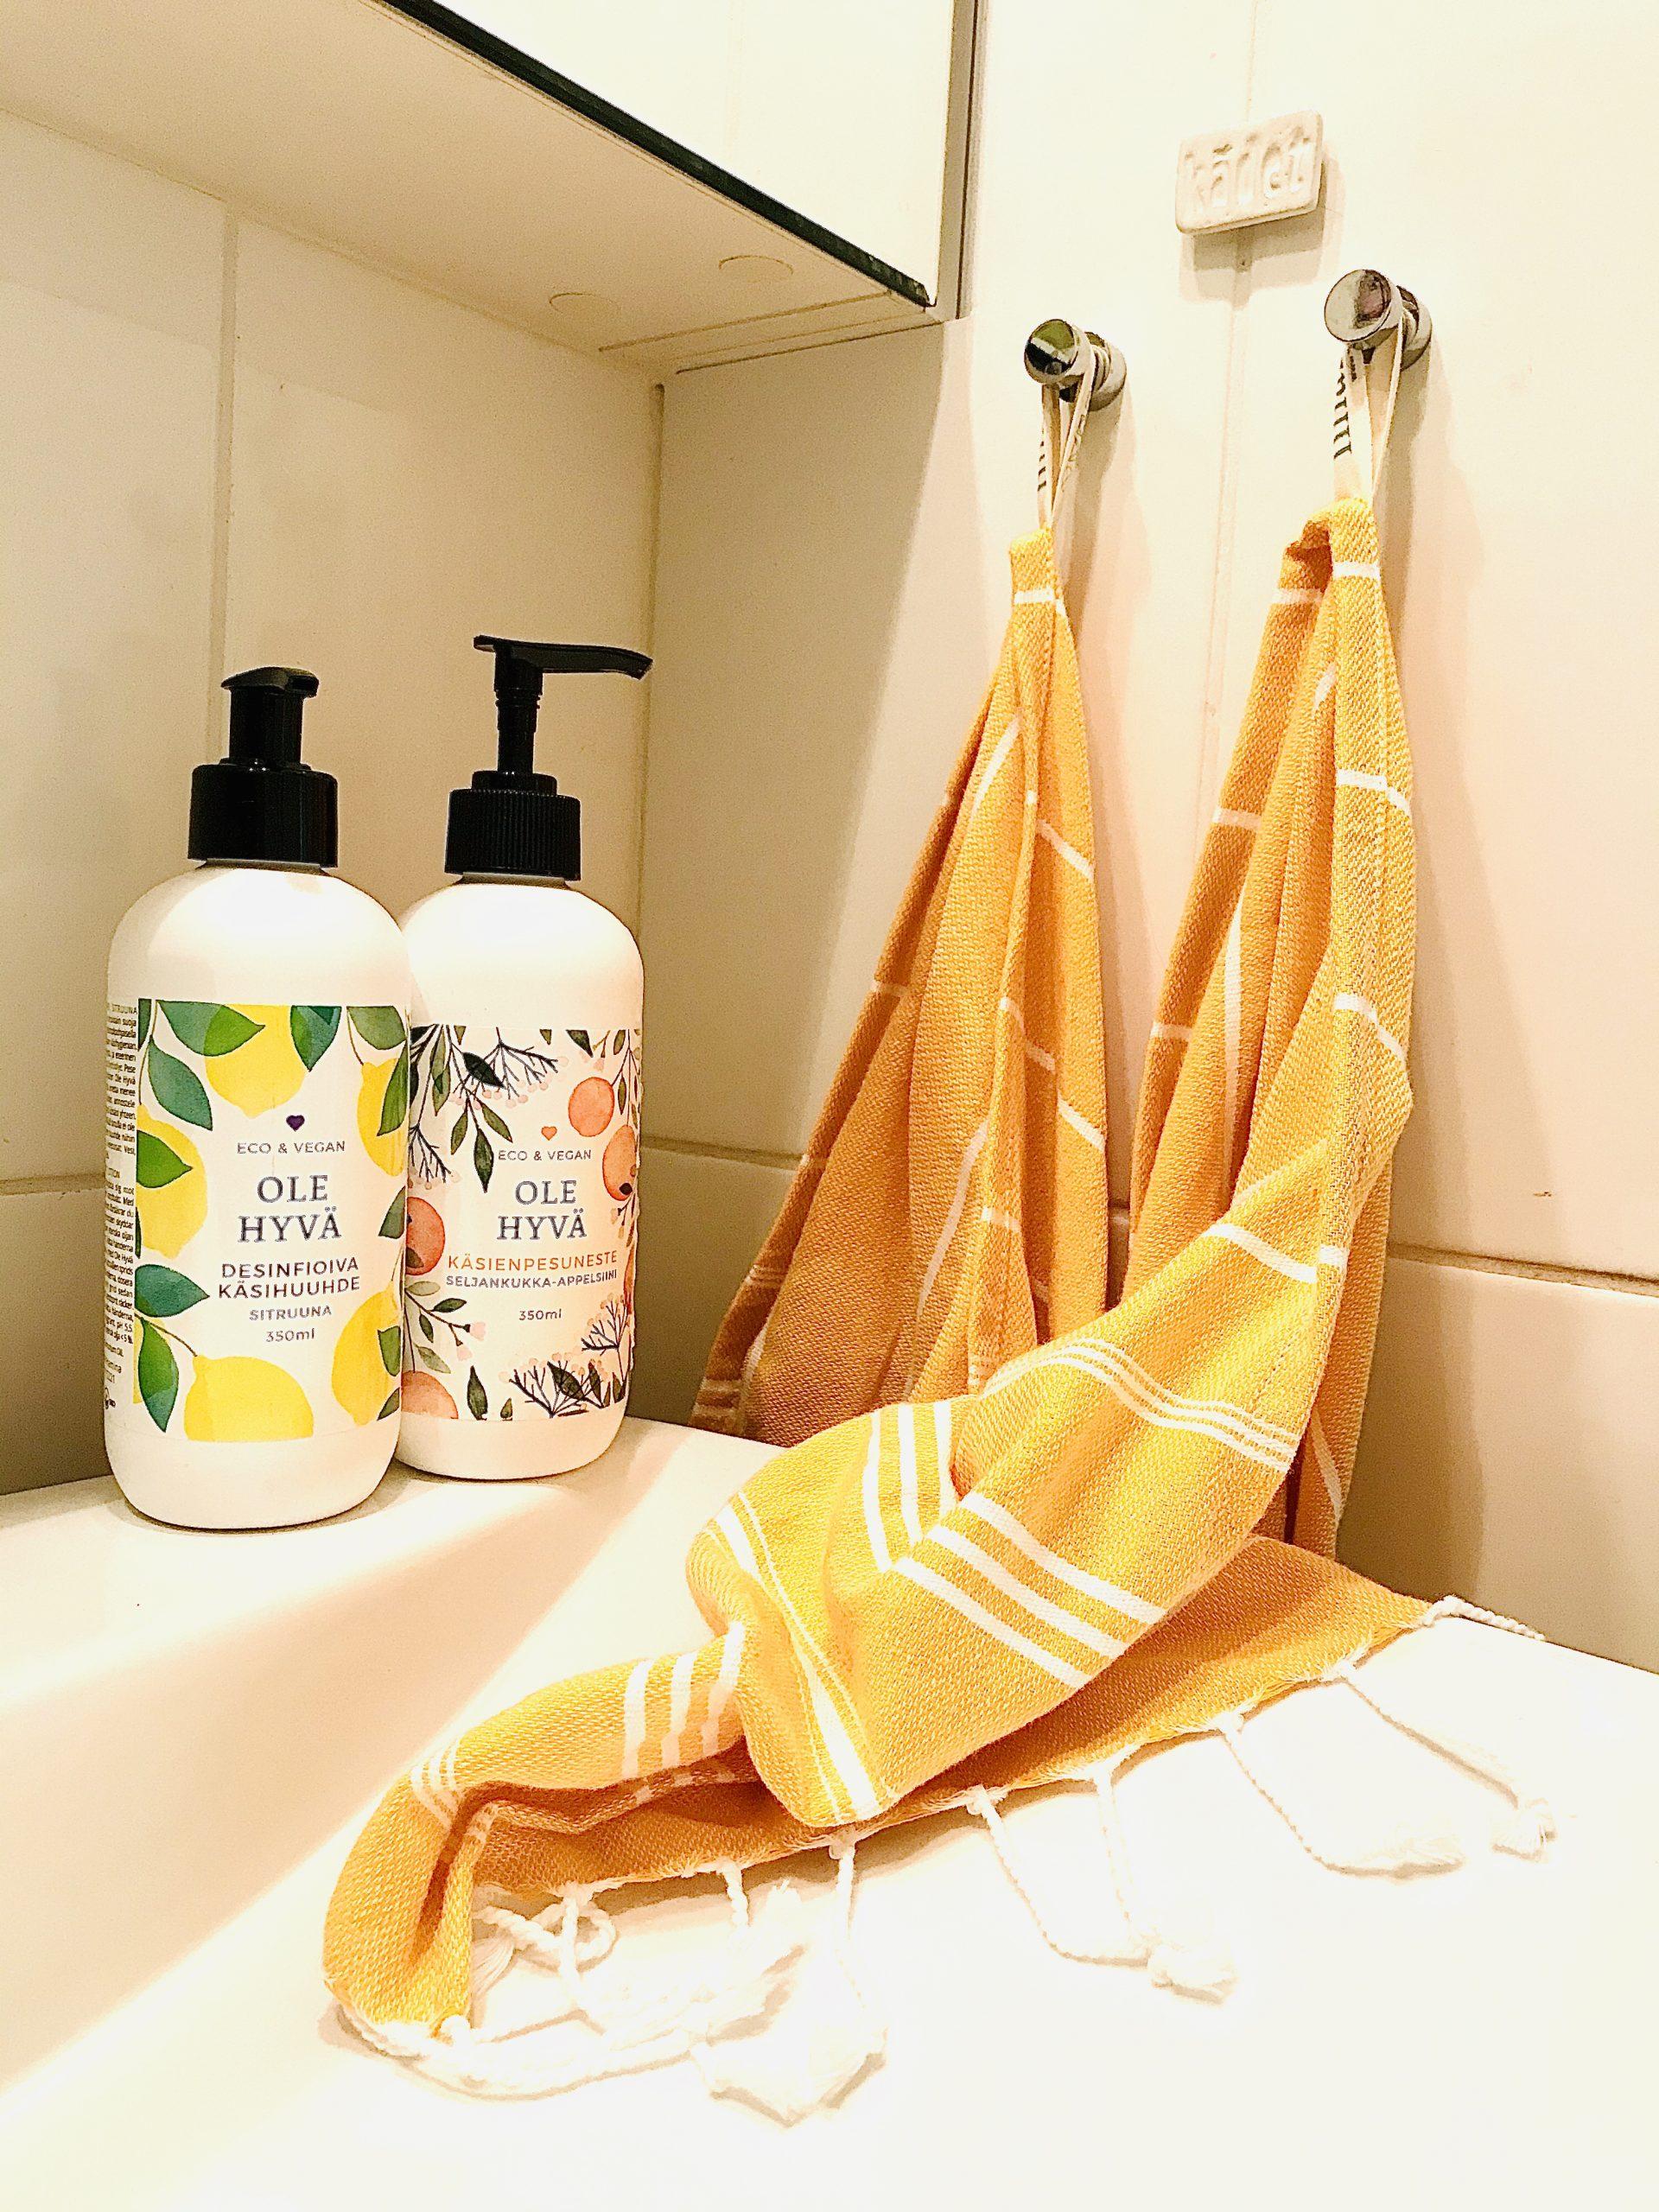 Elluyellow kokeilemassa suomalaisia ja ekologisia Ole Hyvä Luonnontuotteita, käsisaippuat kylpyhuoneen värikkäässä sisustuksessa